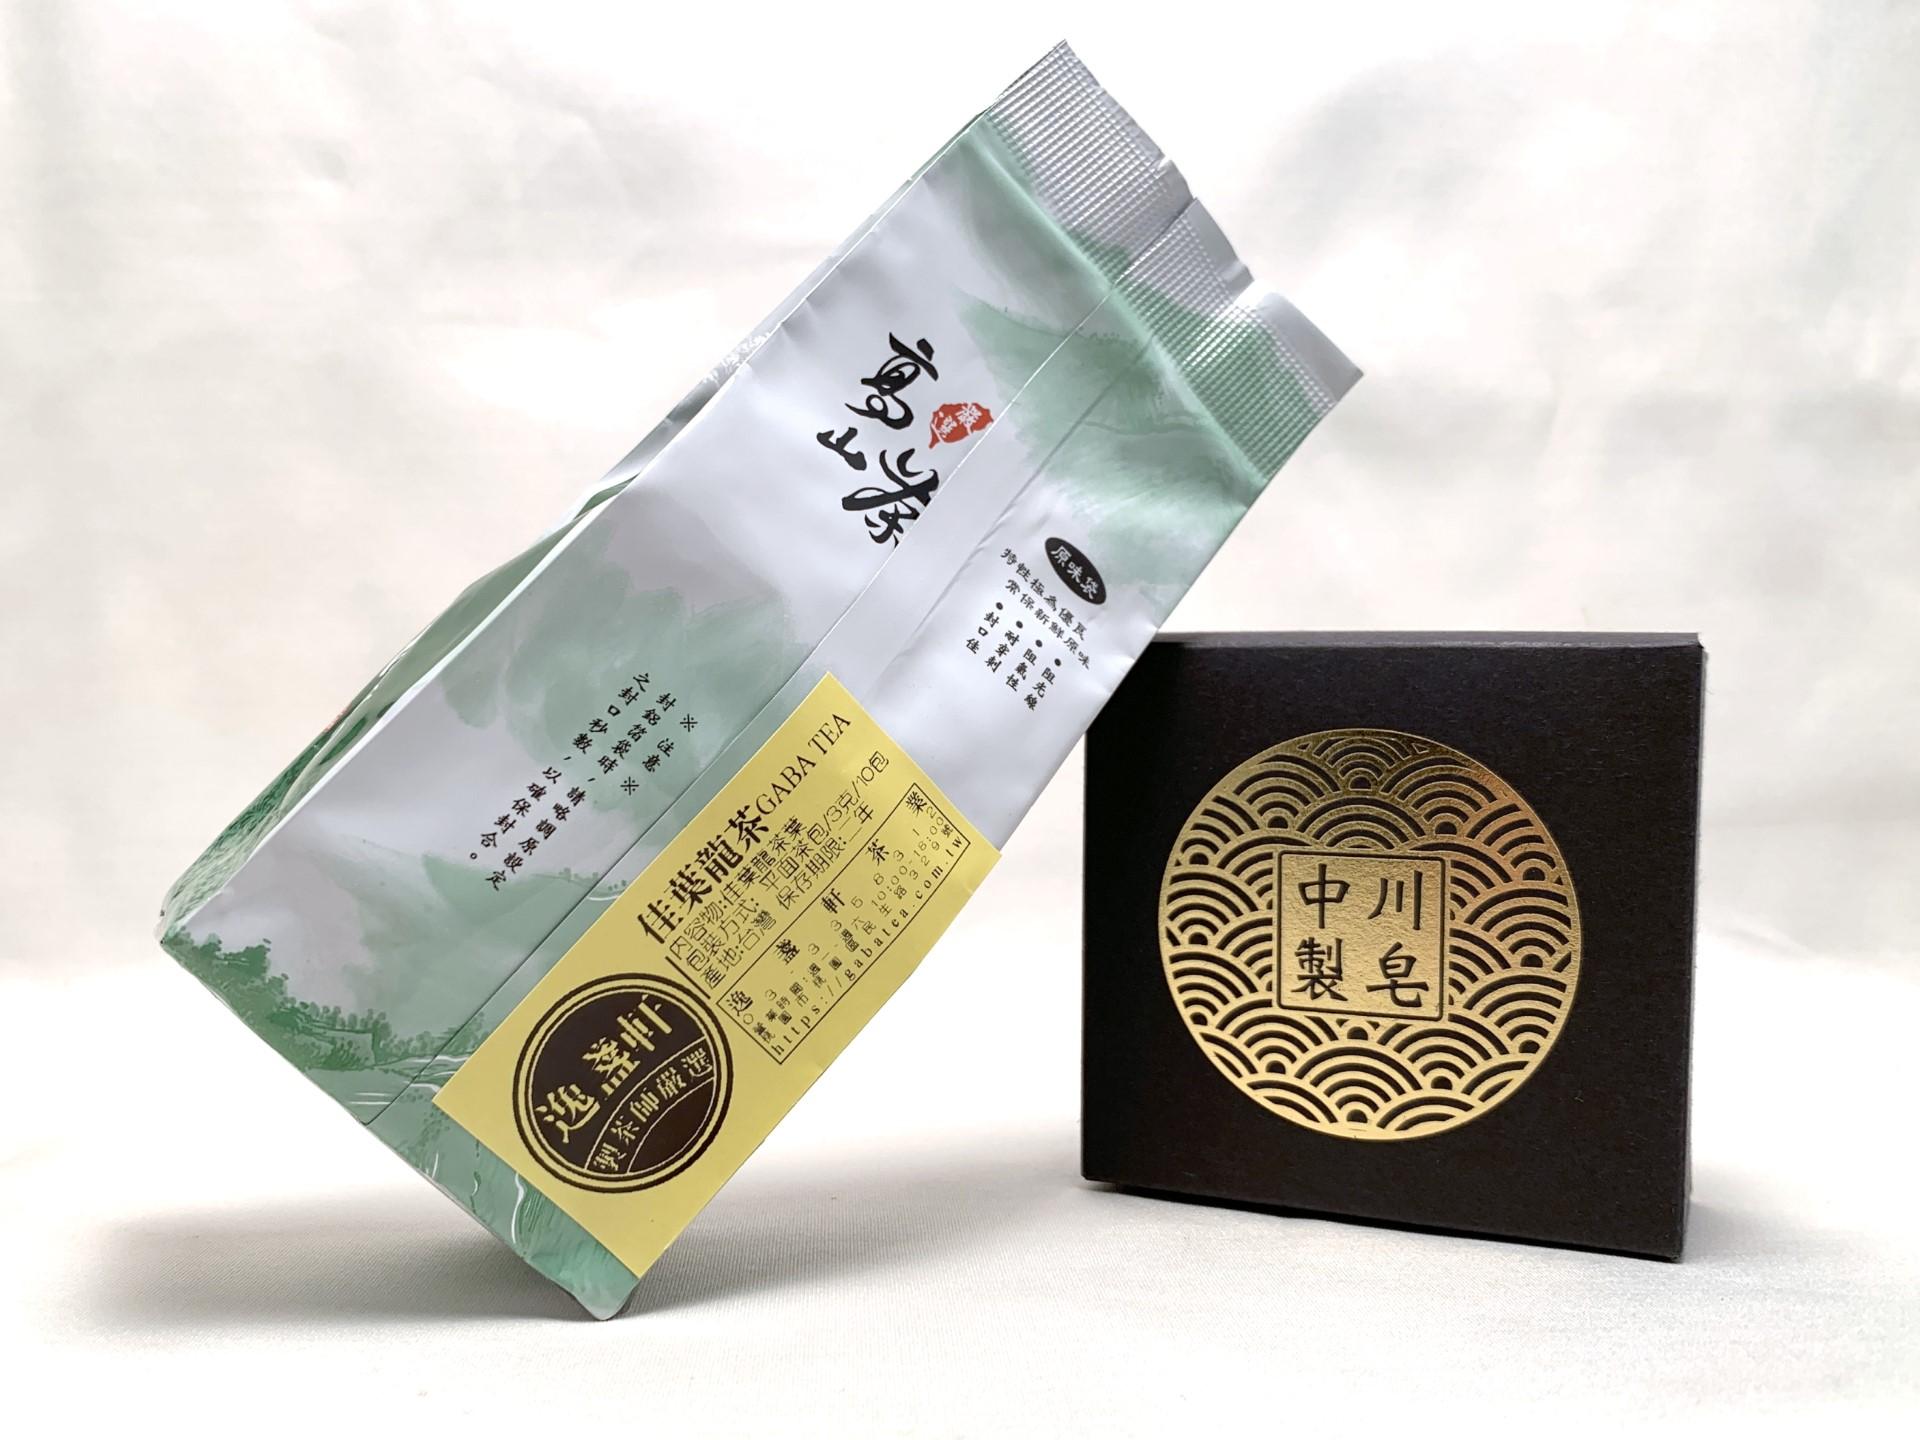 異業合作:逸盞軒茶業/佳葉龍茶